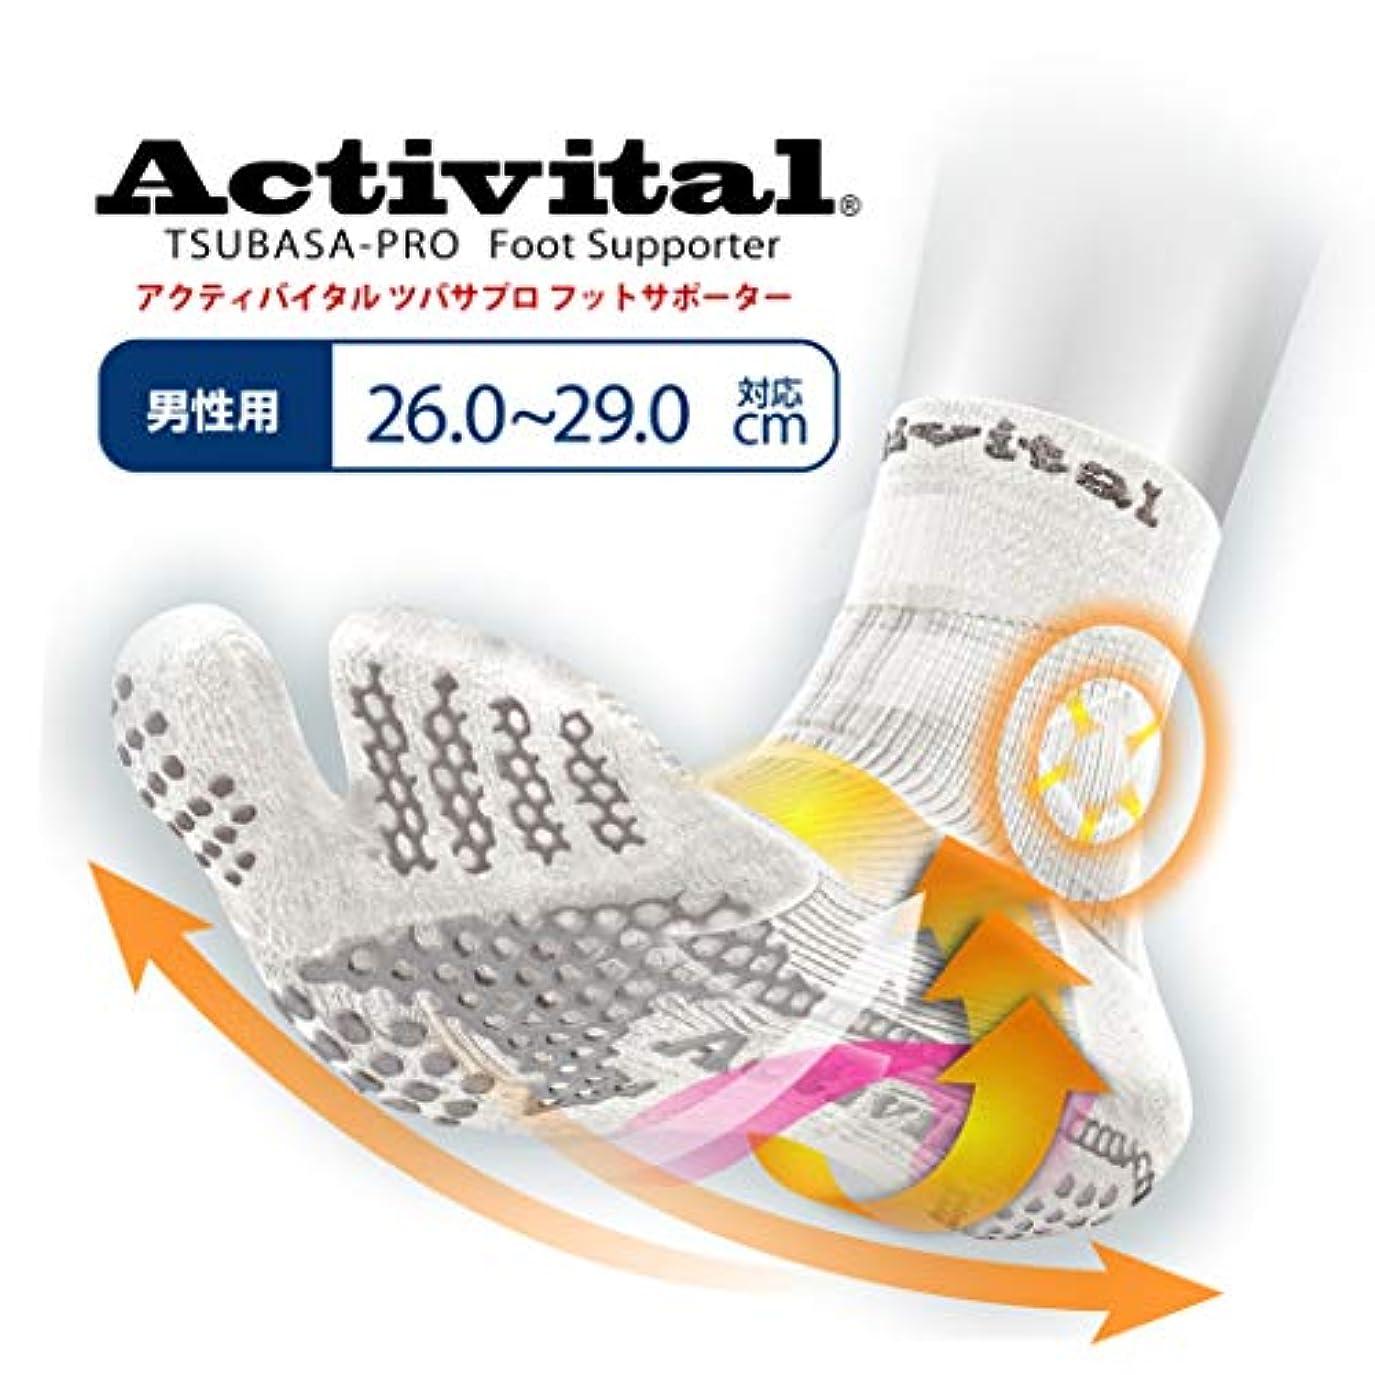 ケーブル可動式玉ねぎActivital アクティバイタル フットサポーター ホワイト L-LL 26.0~29.0cm